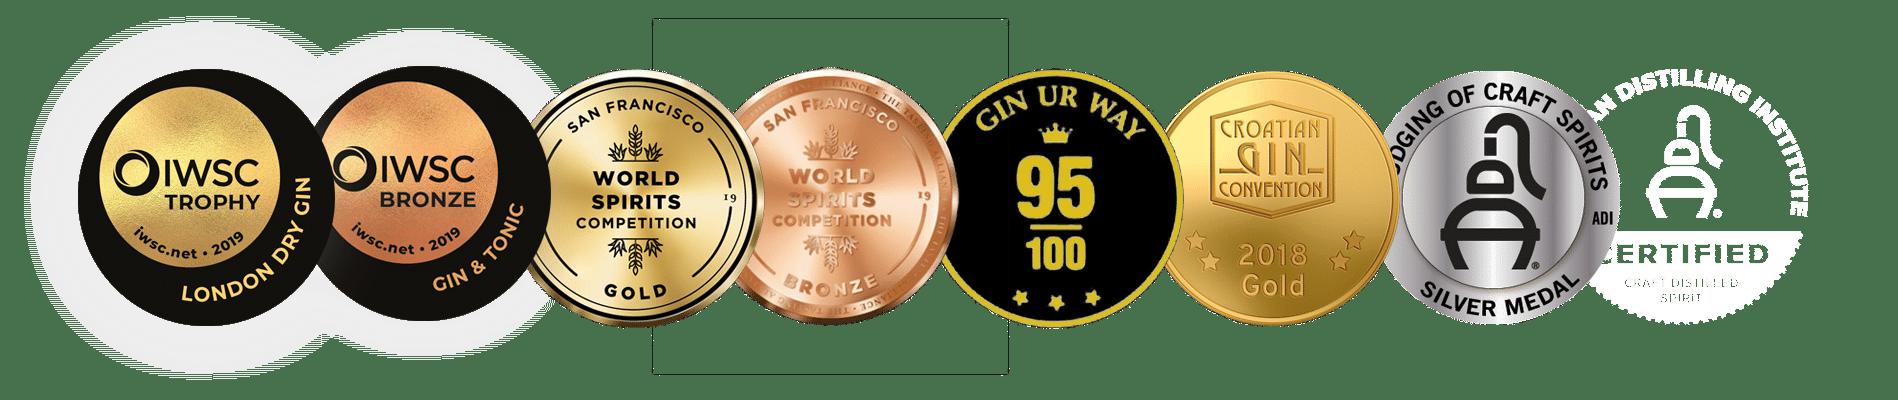 Old Pilot's Gin Awards